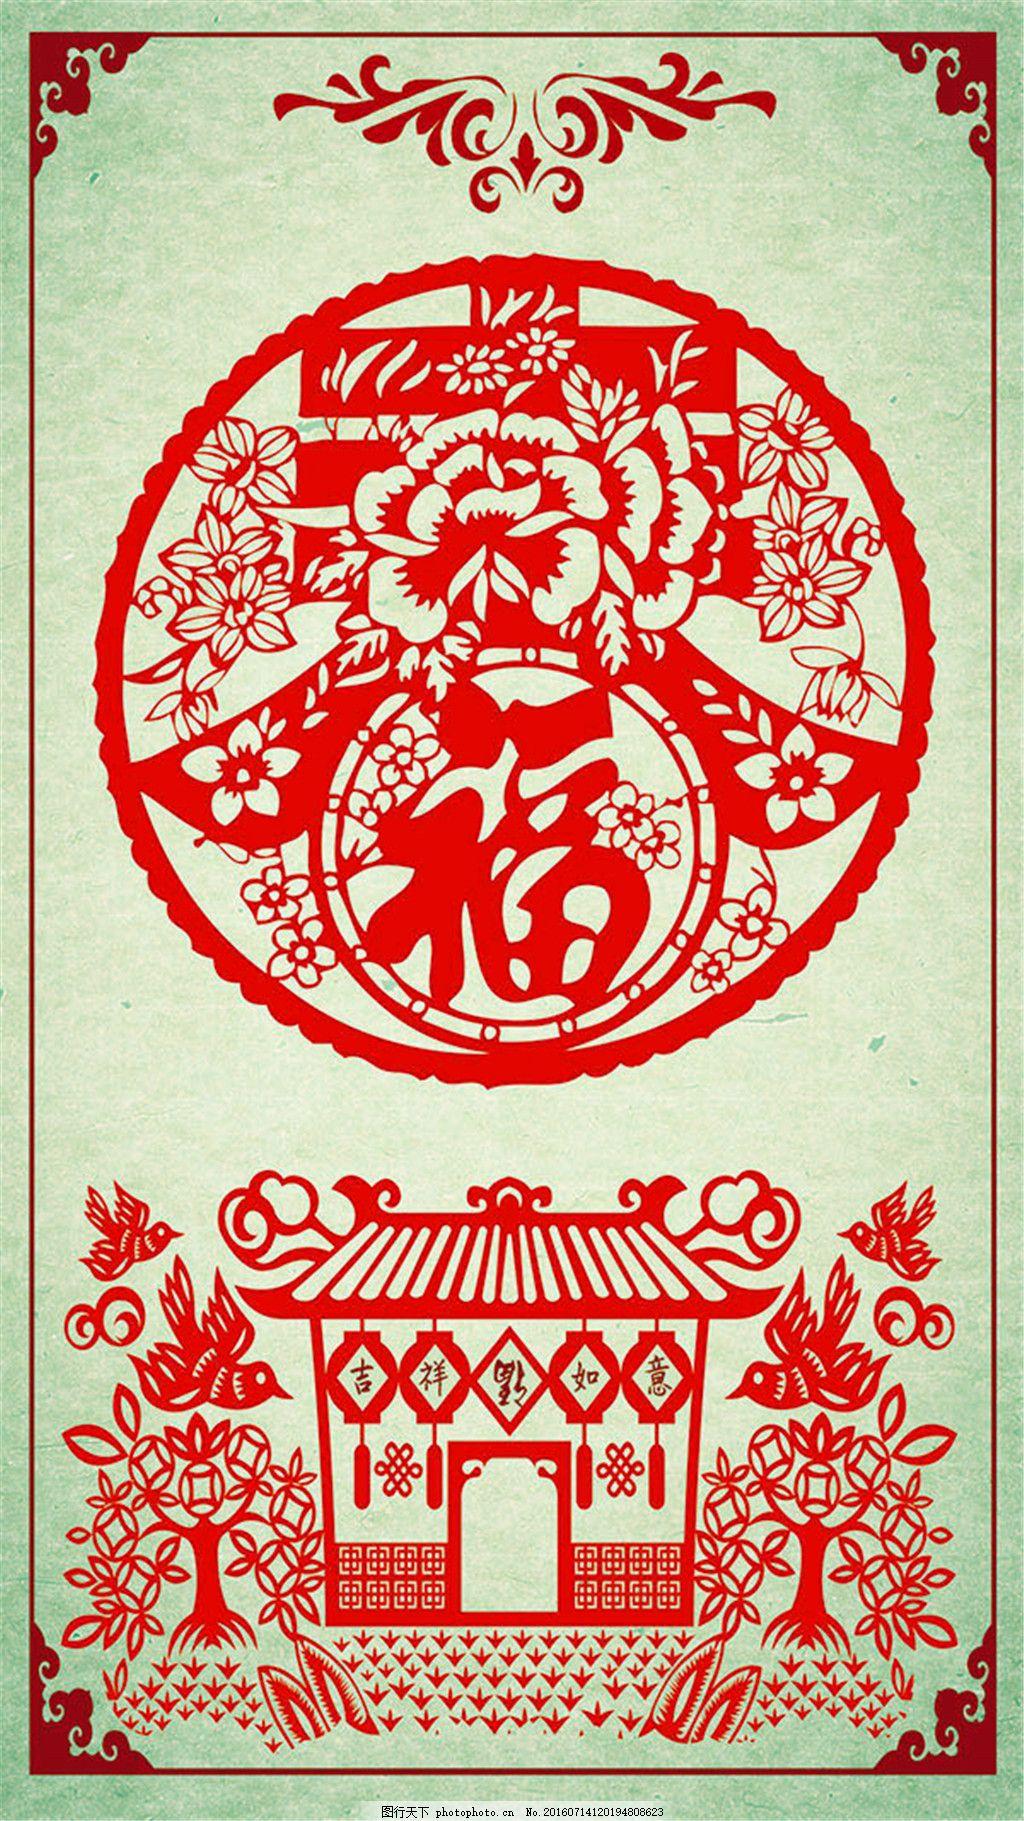 春字福字剪纸图案素材 新年 福字窗花剪纸图案大全 剪纸窗花福字